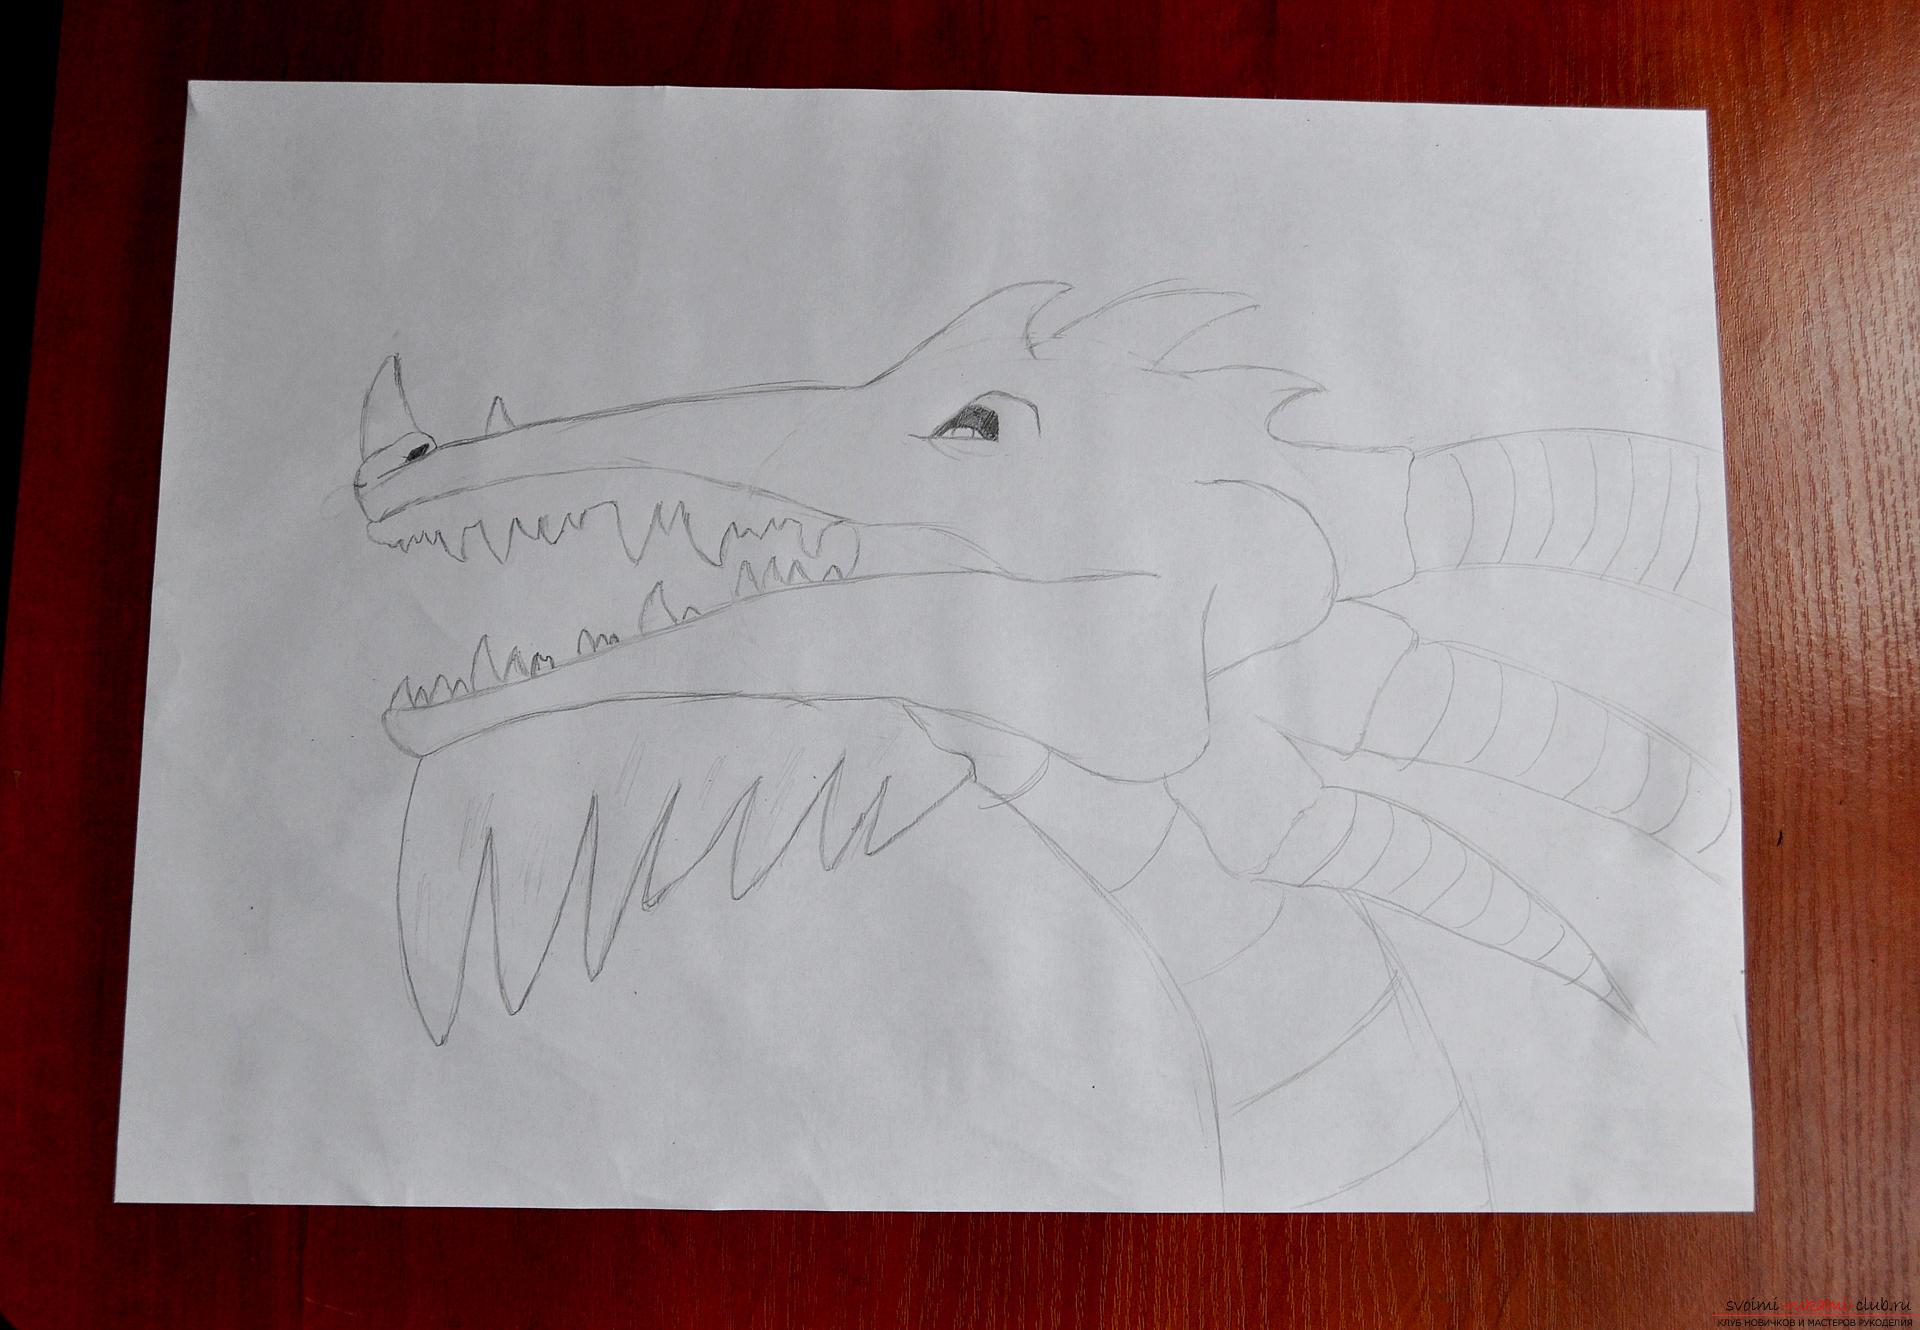 Этот подробный мастер-класс рисования простым карандашом научит как нарисовать дракона карандашом поэтапно